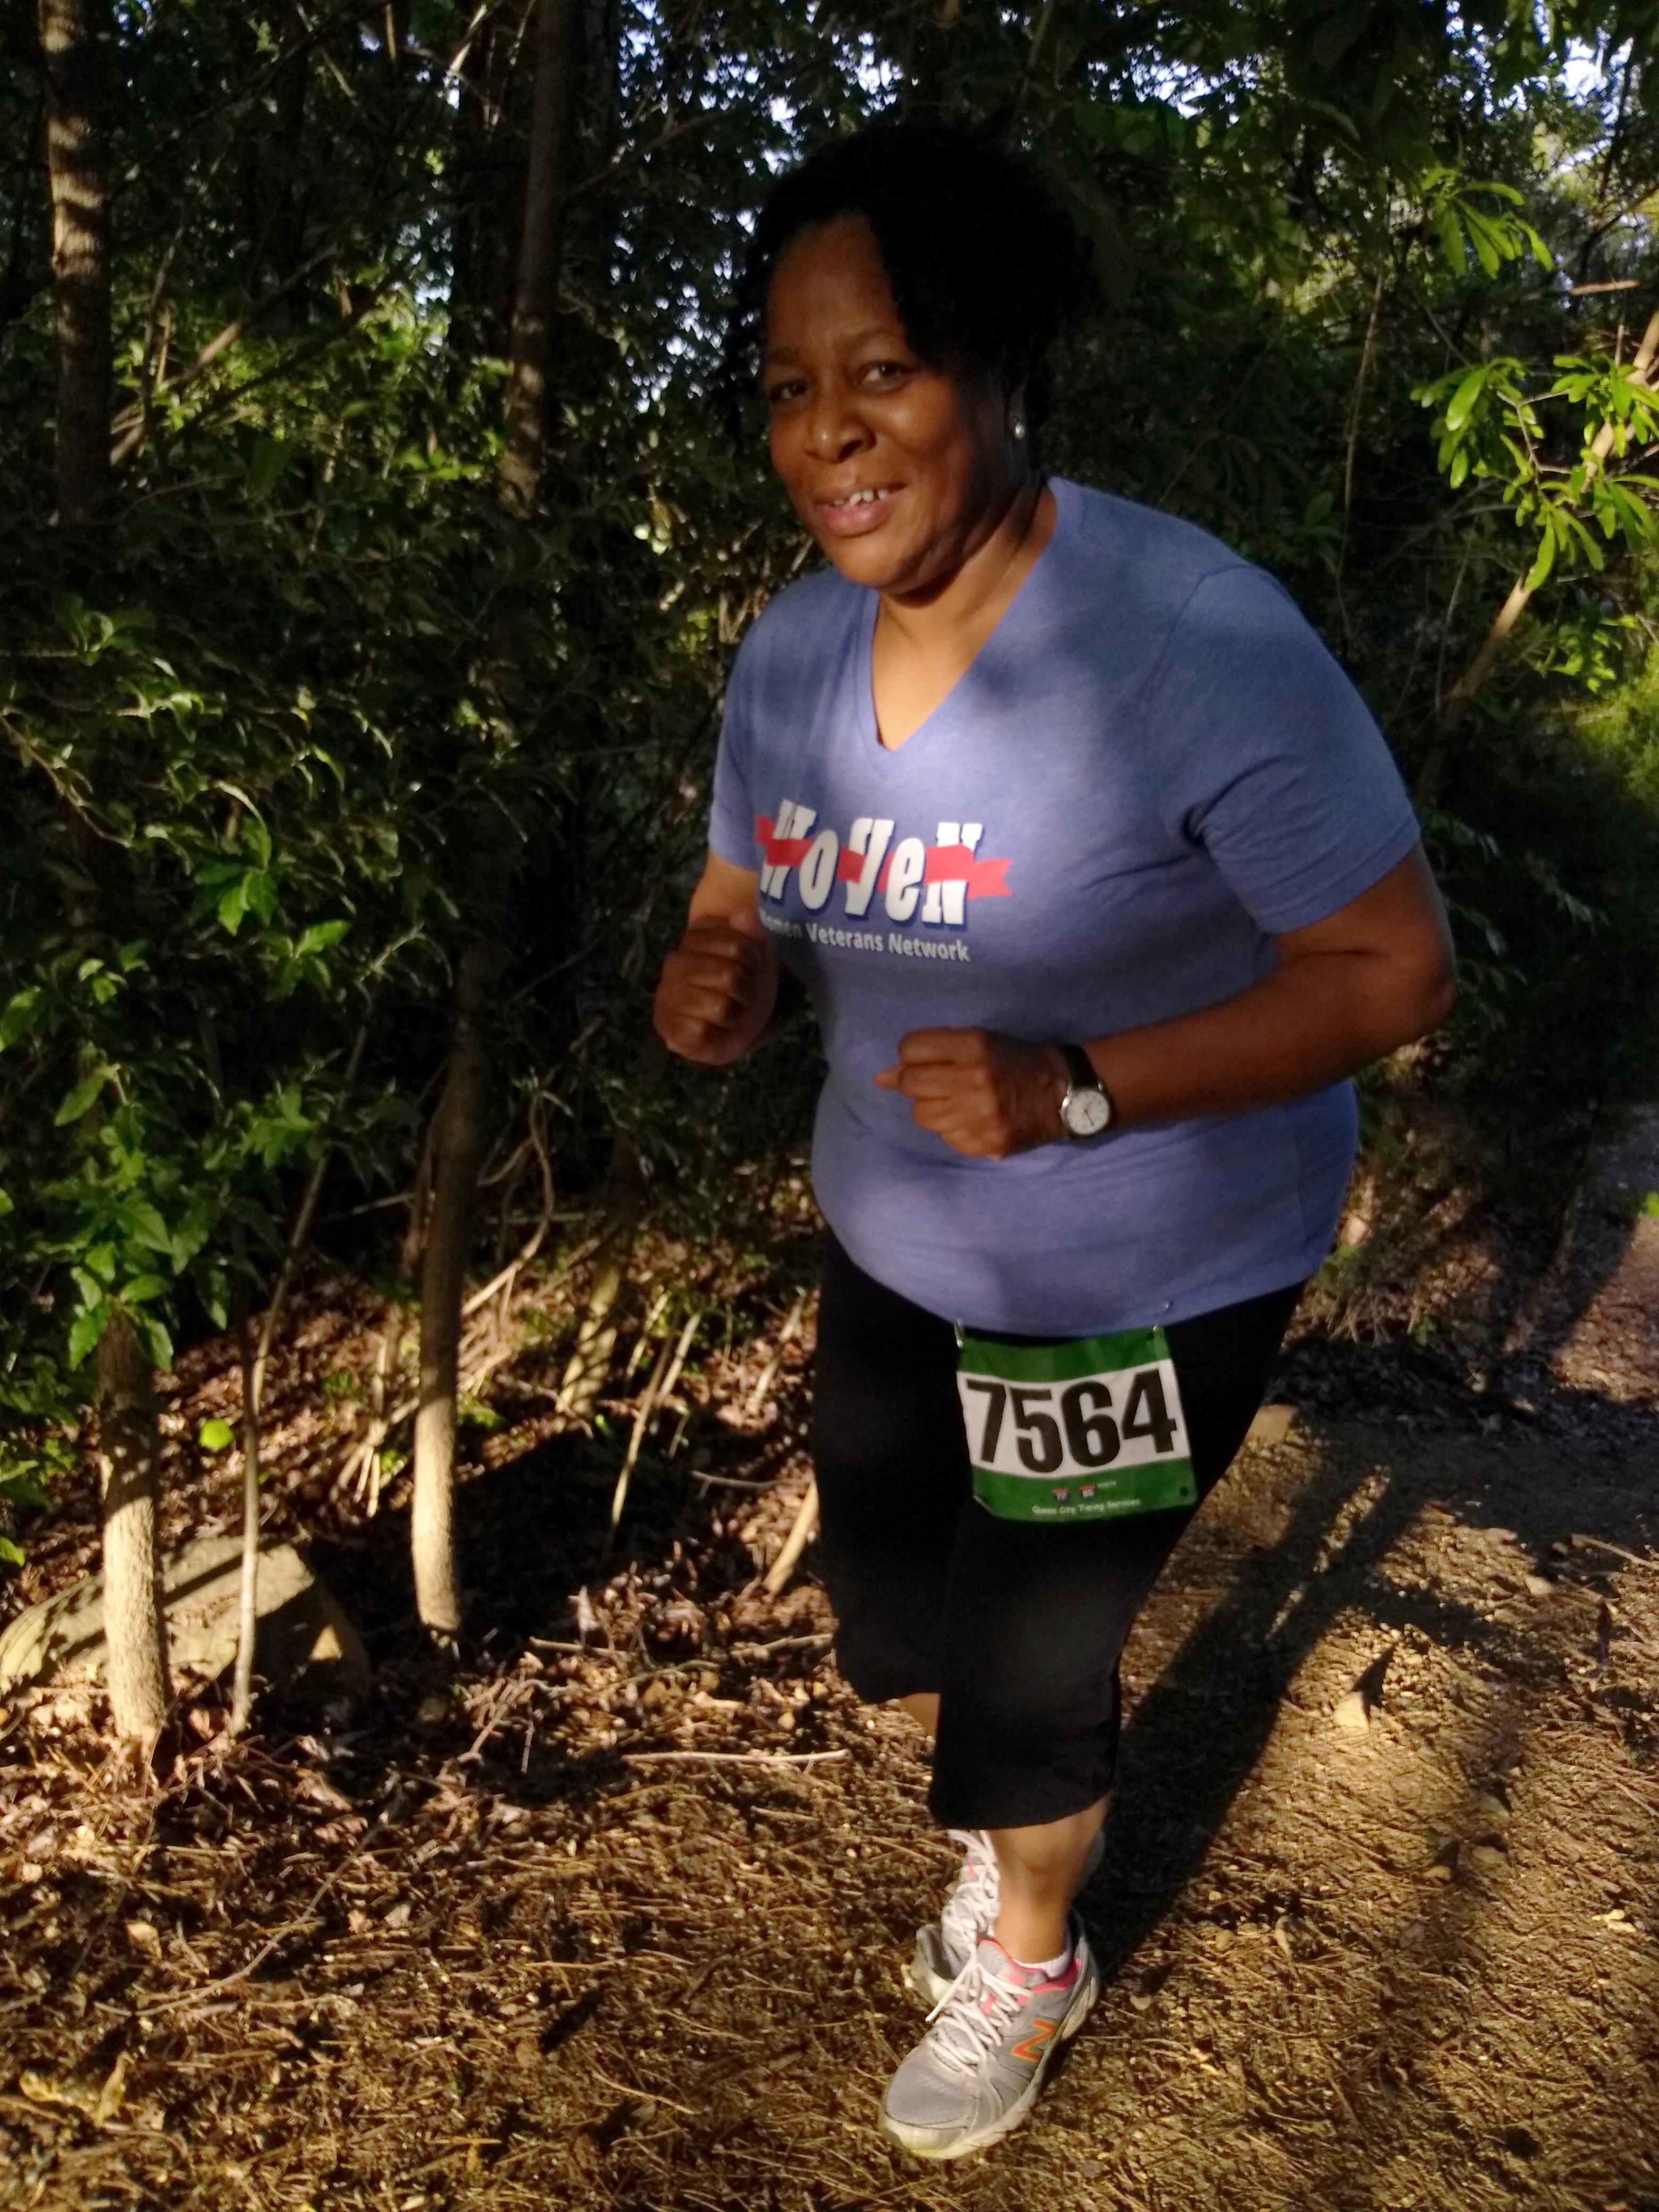 U.S. Marine Corps veteran Tina Brice smiles at a race